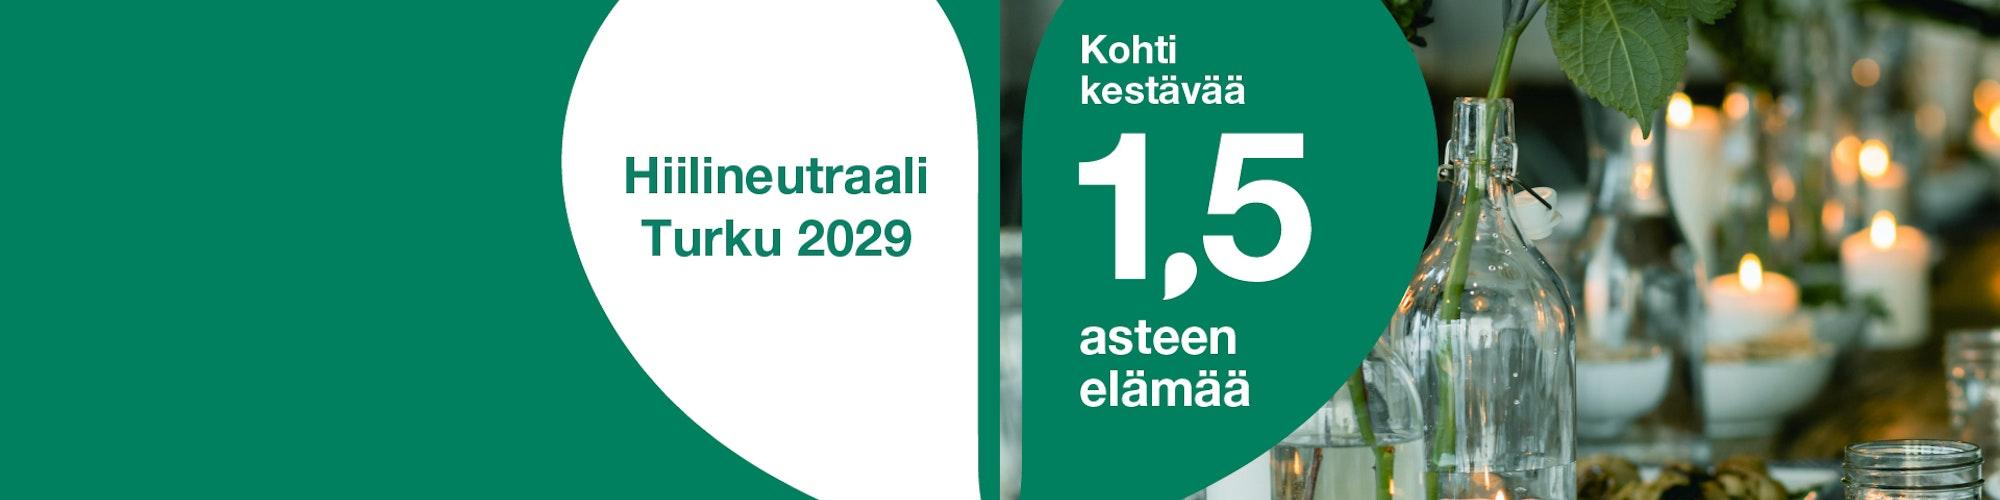 Hiilineutraali Turku 2029